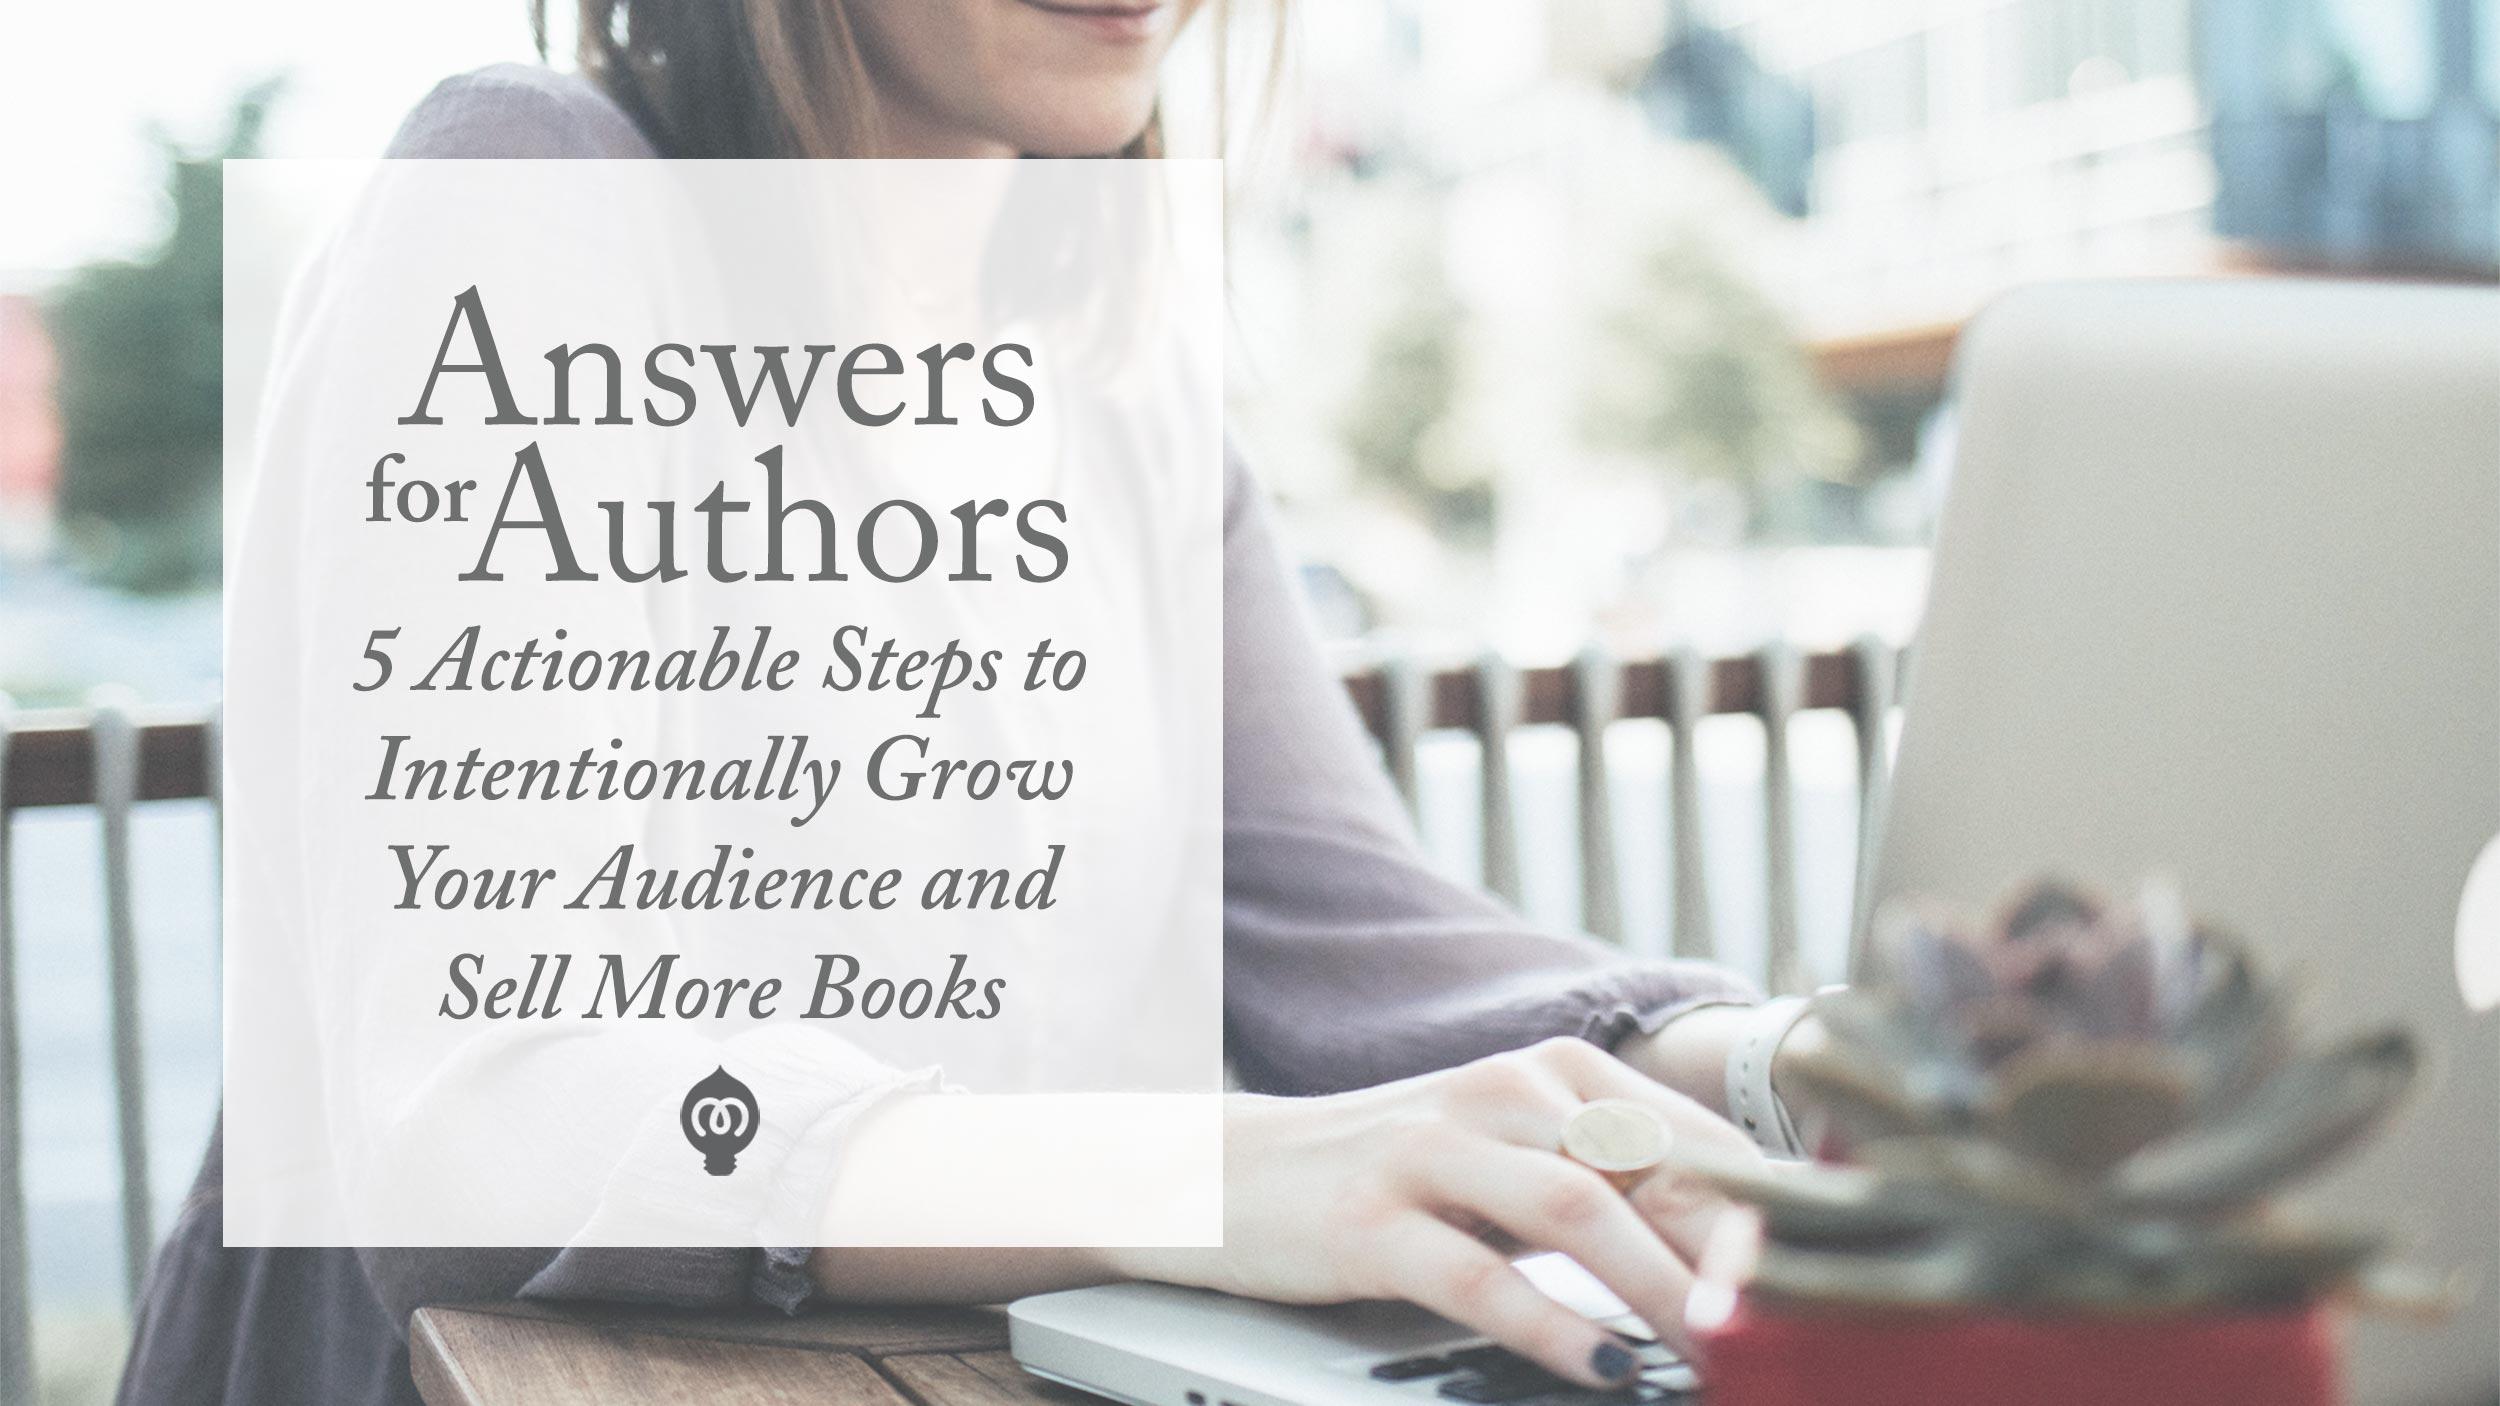 Answers for Authors <br><em>FREE TRAINING</em>